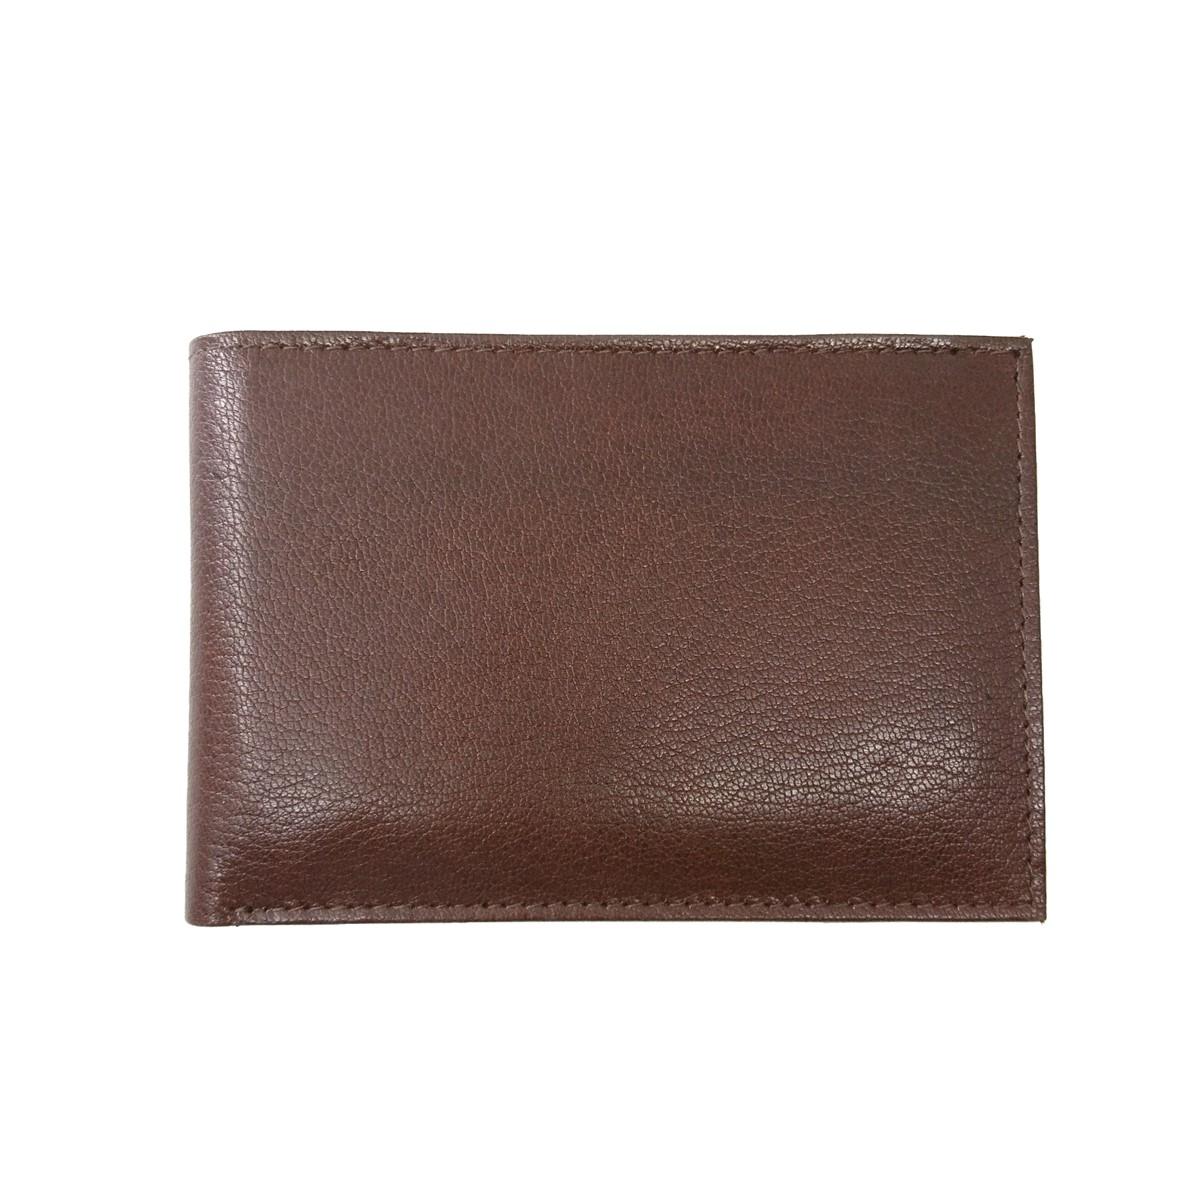 Ανδρικό πορτοφόλι ταυτότητας 959.Κ Καφέ